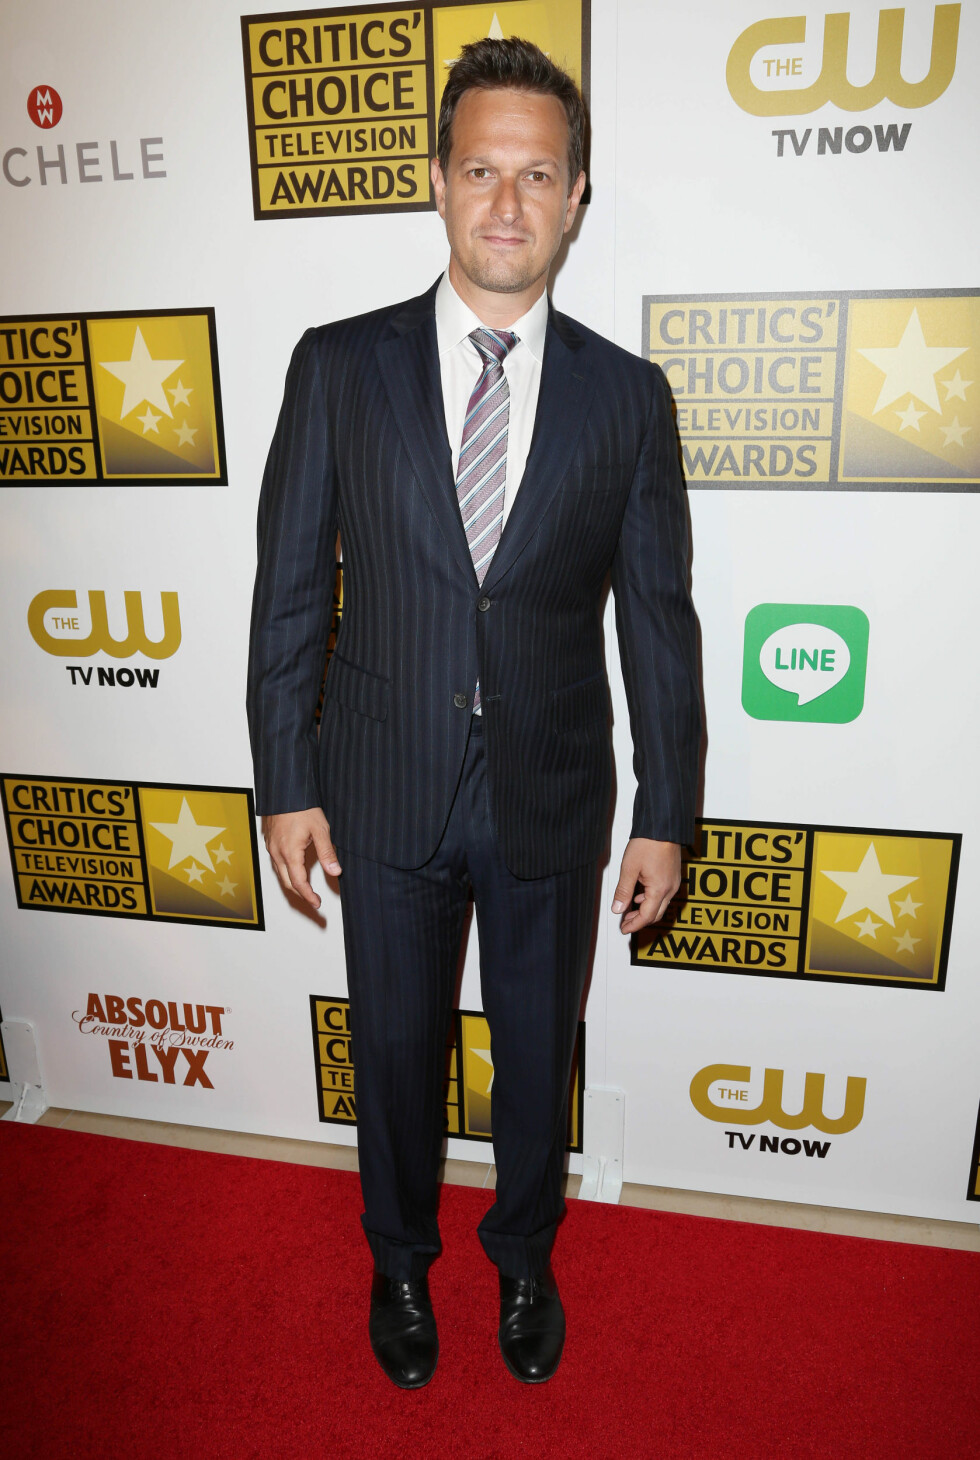 «The Good Wife»-stjernen kom i en sort og hvit stripete dress og matchende slips.  Foto: REX/Matt Baron/BEI/All Over Press